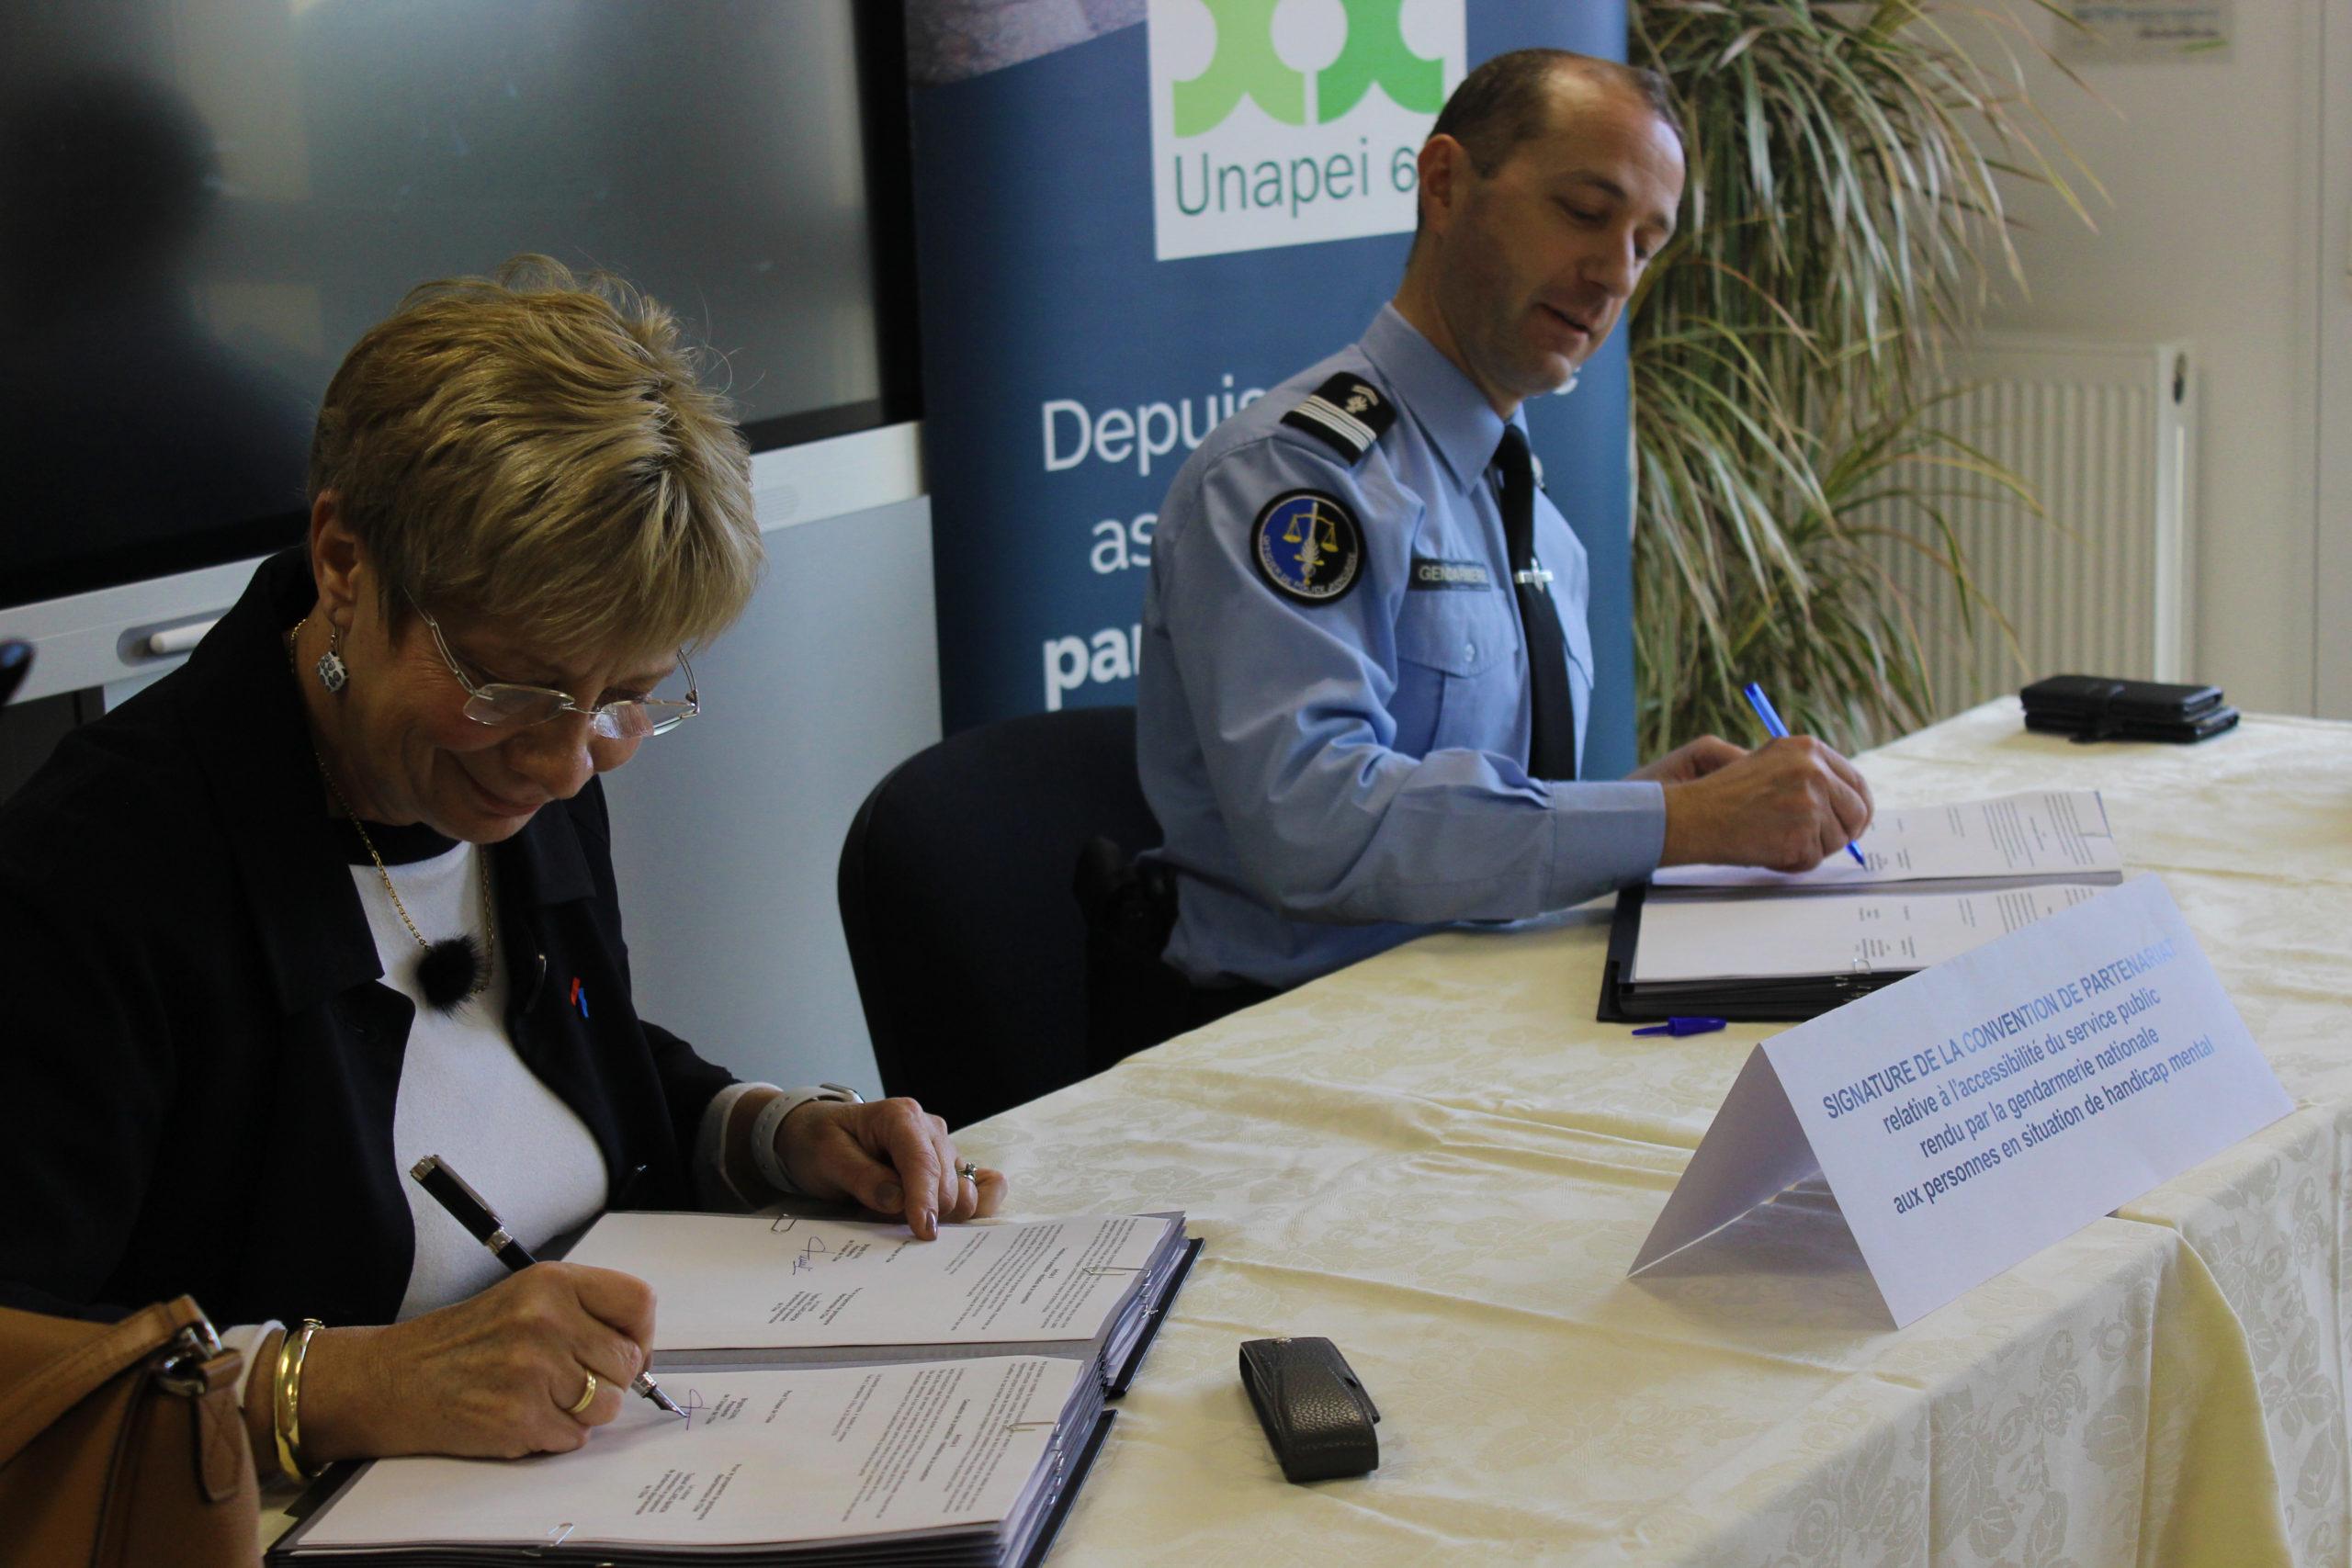 Signature de la convention de partenariat entre l'Unapei de l'Oise et le groupement de gendarmerie départementale de l'Oise